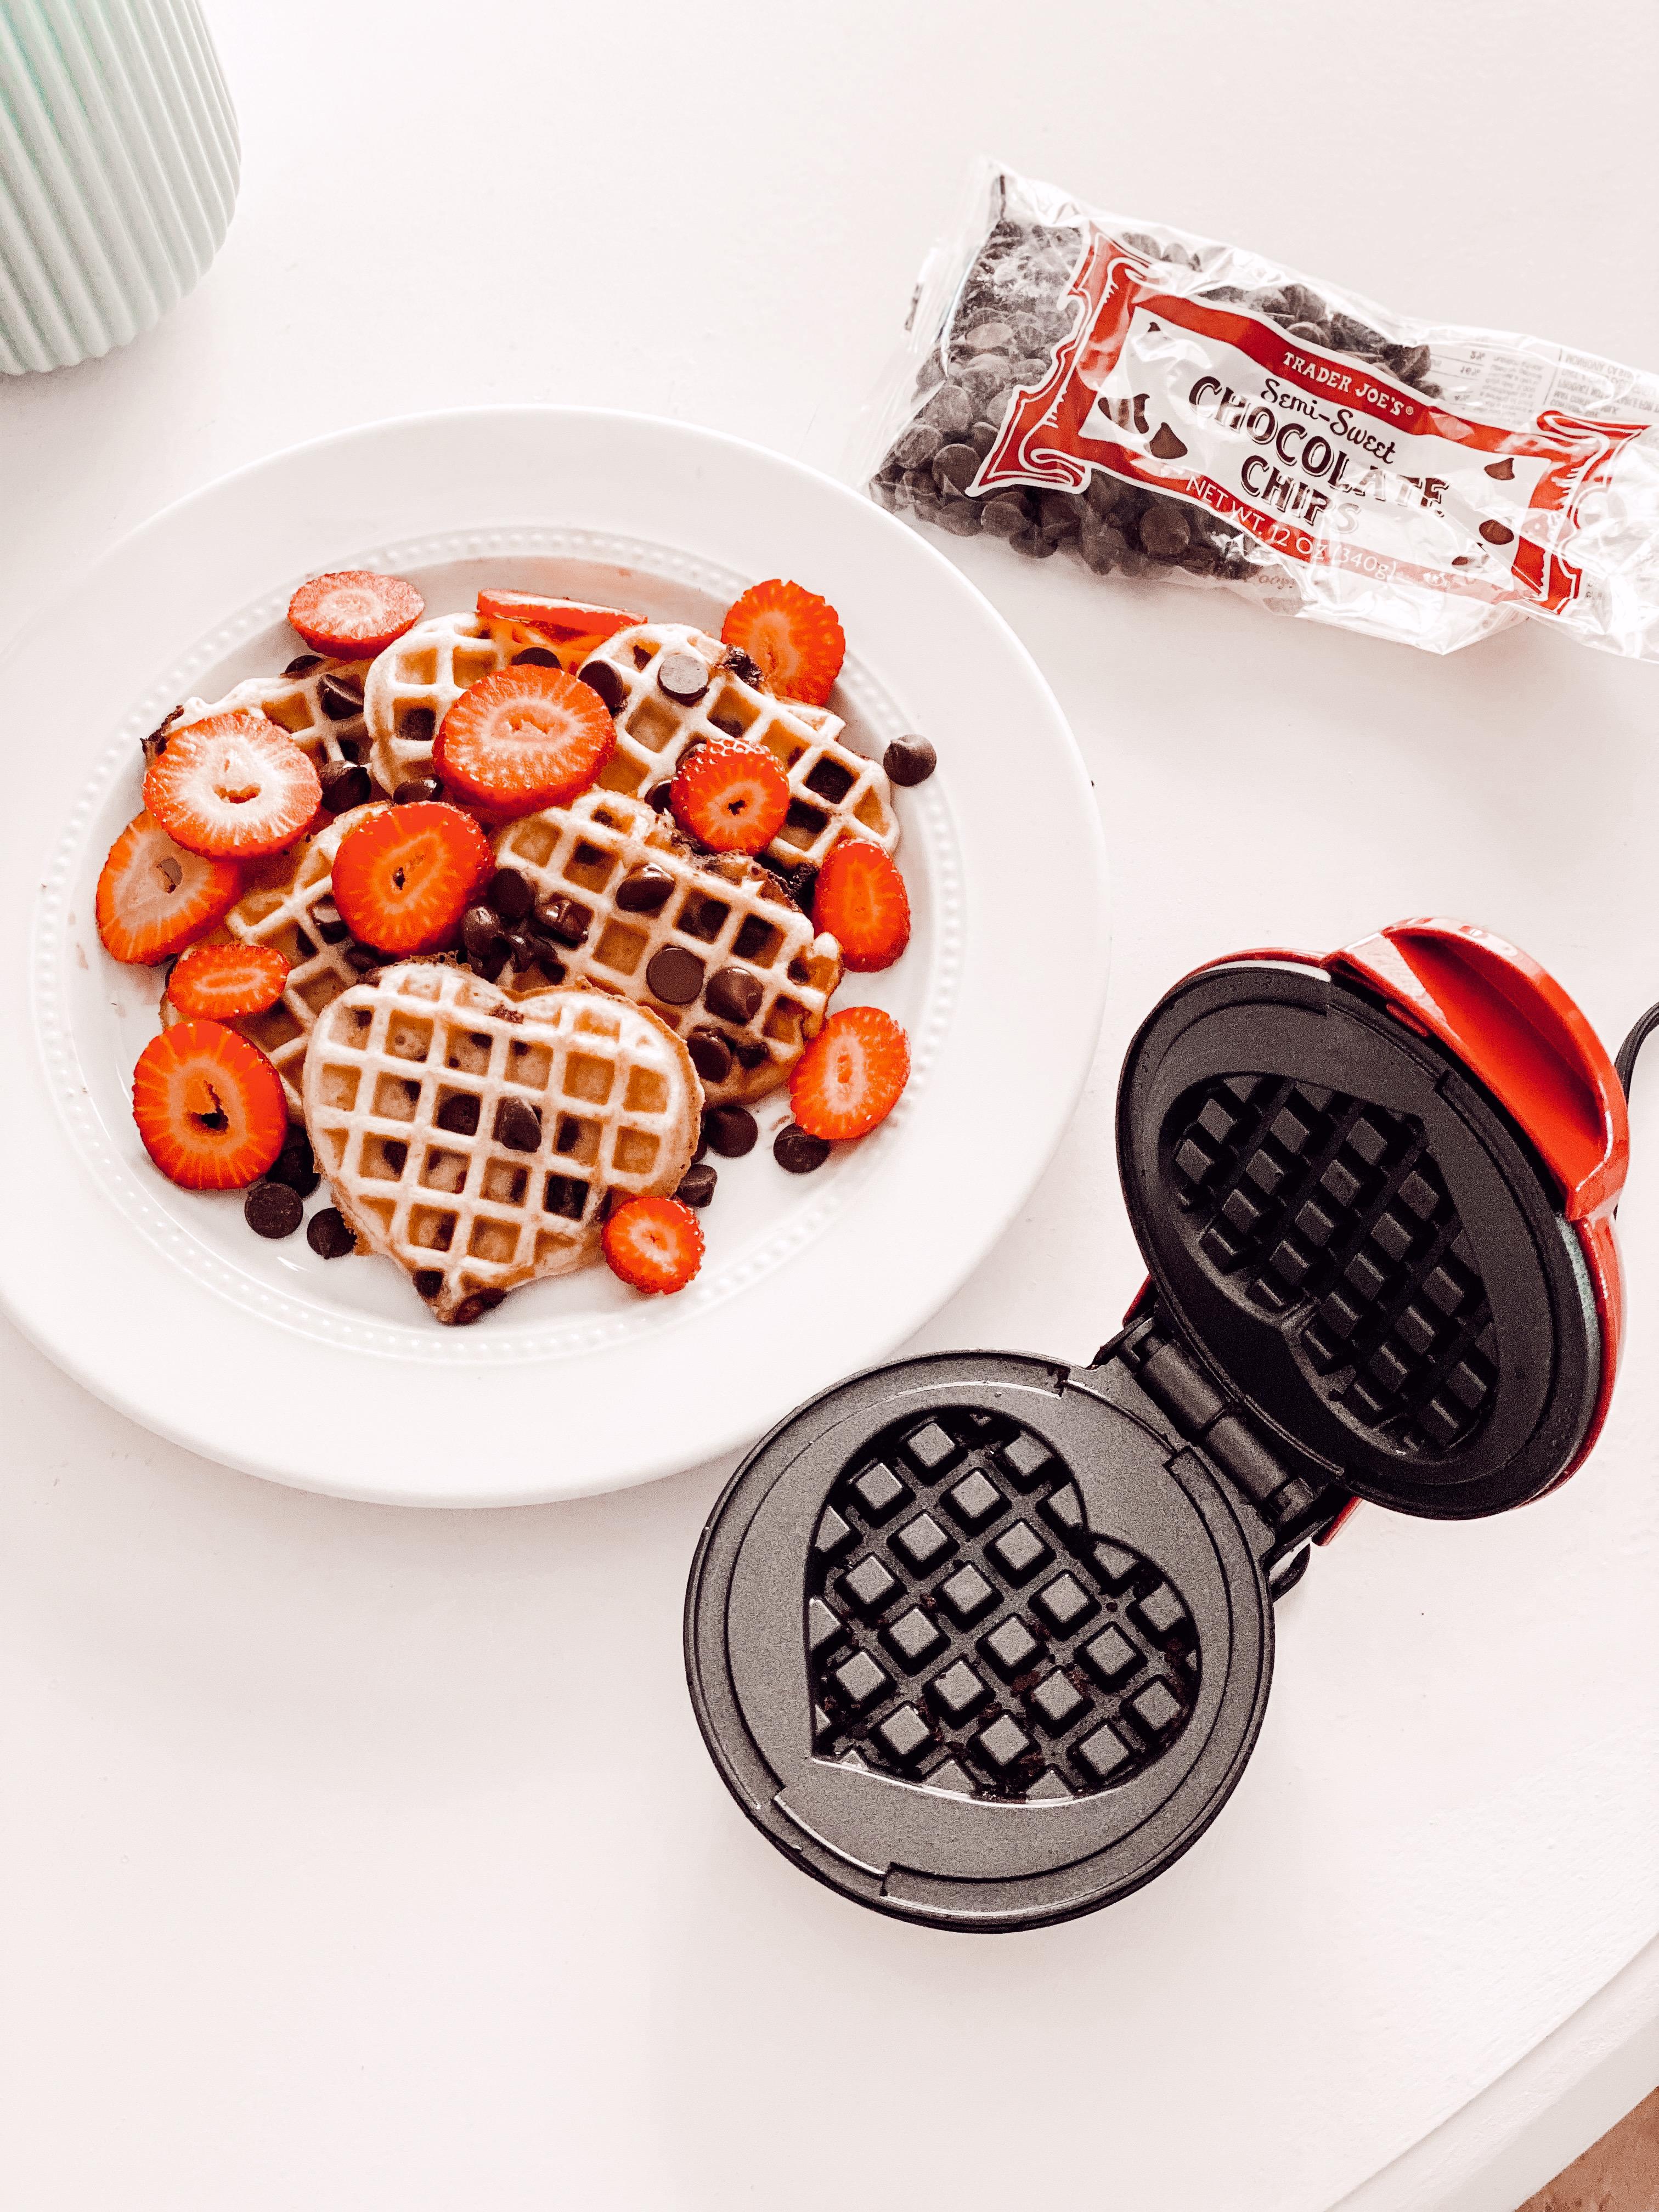 Heart Shaped Waffle Maker From Amazon